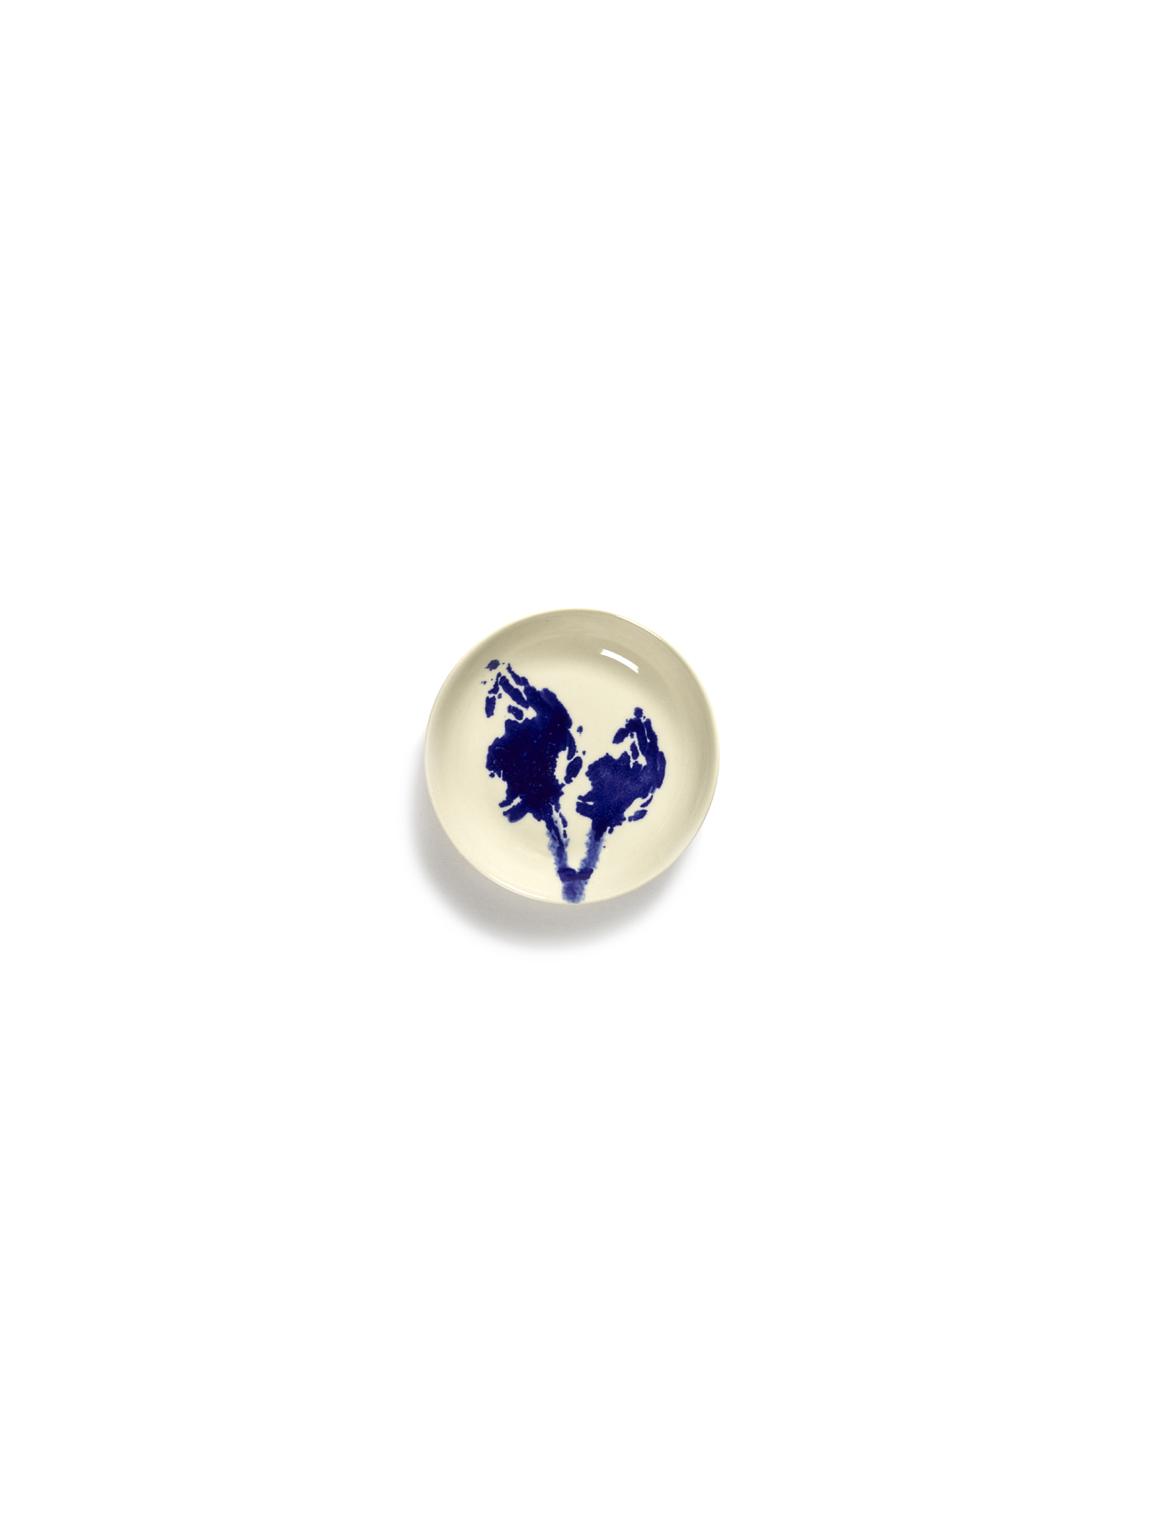 plat feast S 11,5x11,5x2cm blanc artichaut bleu B8921002Ts1-new